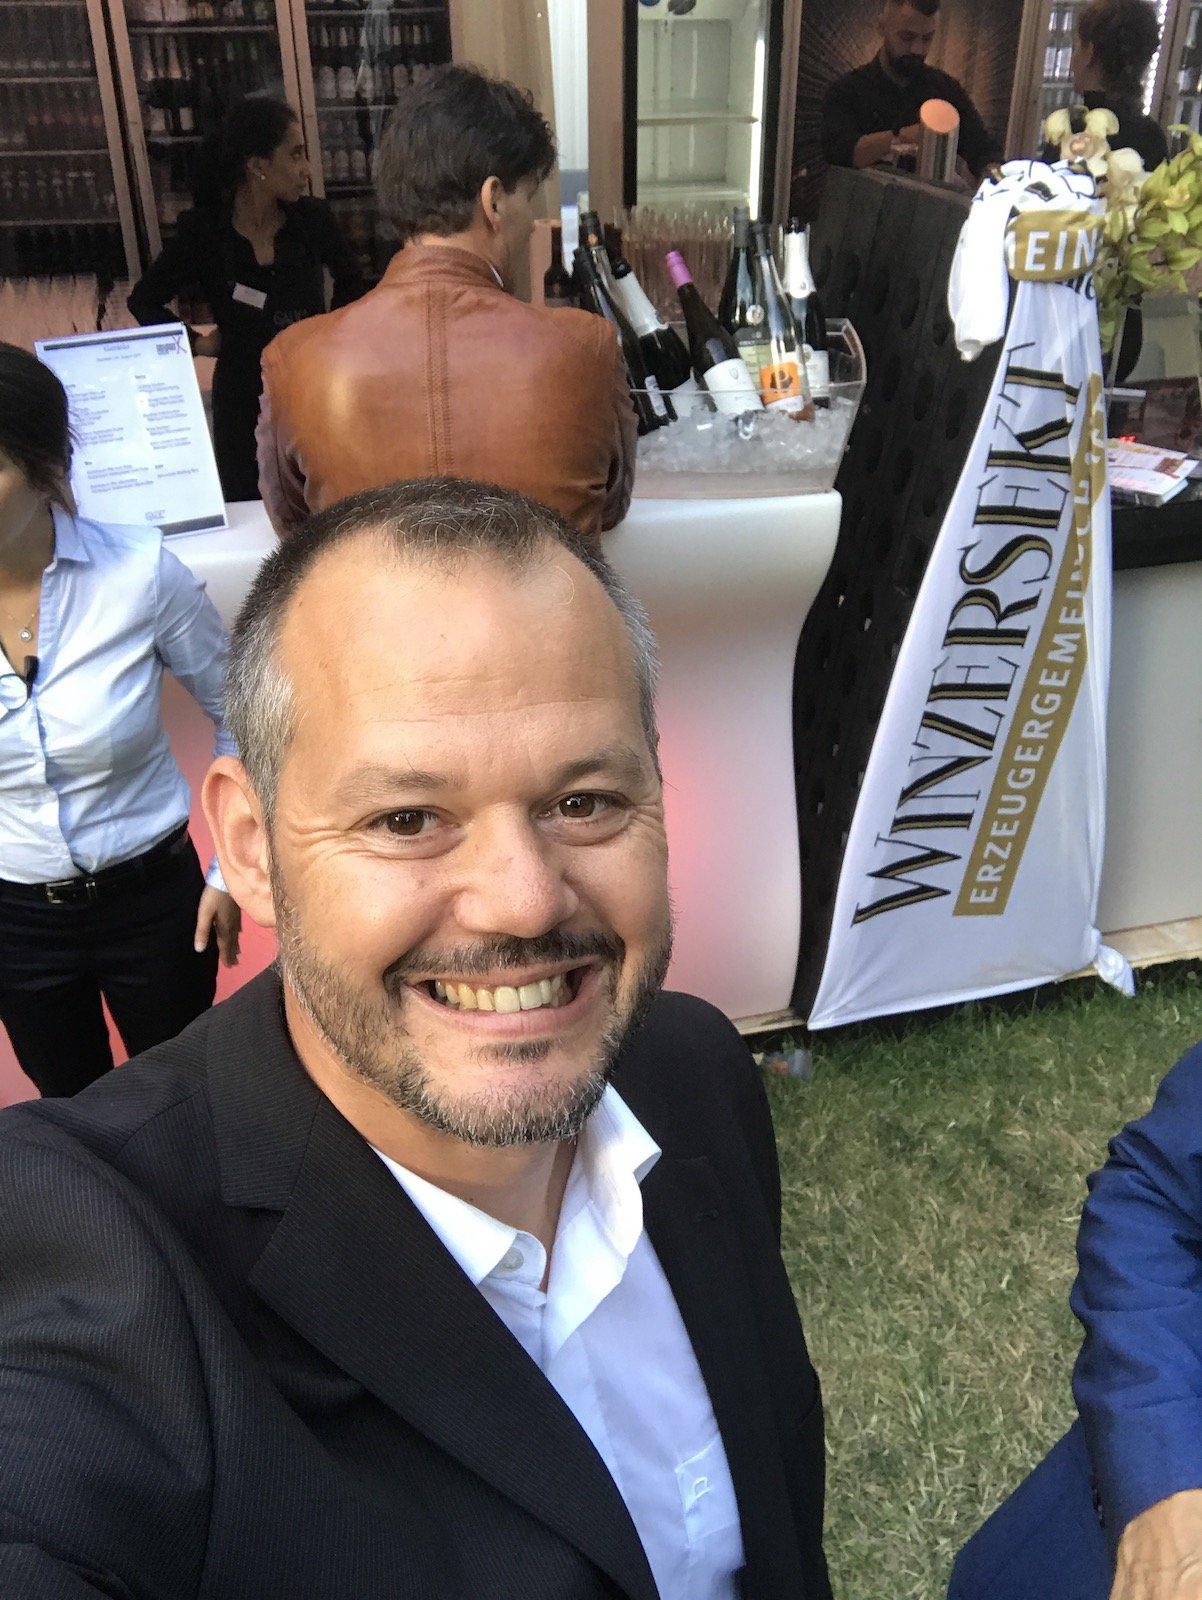 Eins der seltenen Selfies von Hubert Mayer vom travellerblog.eu auf den Nibelungenfestspielen in Worms